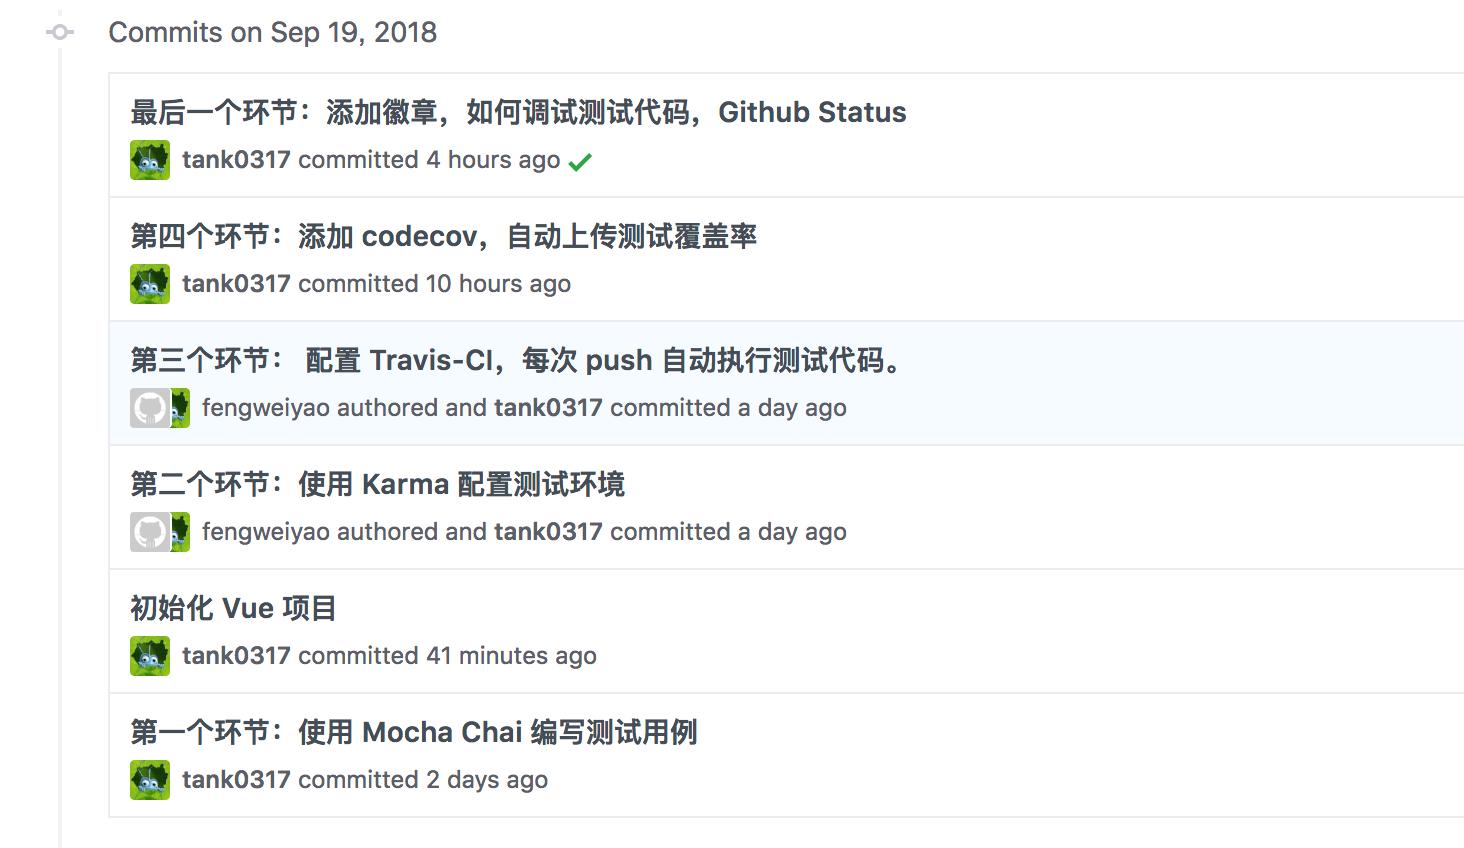 unit-test-demo-commit